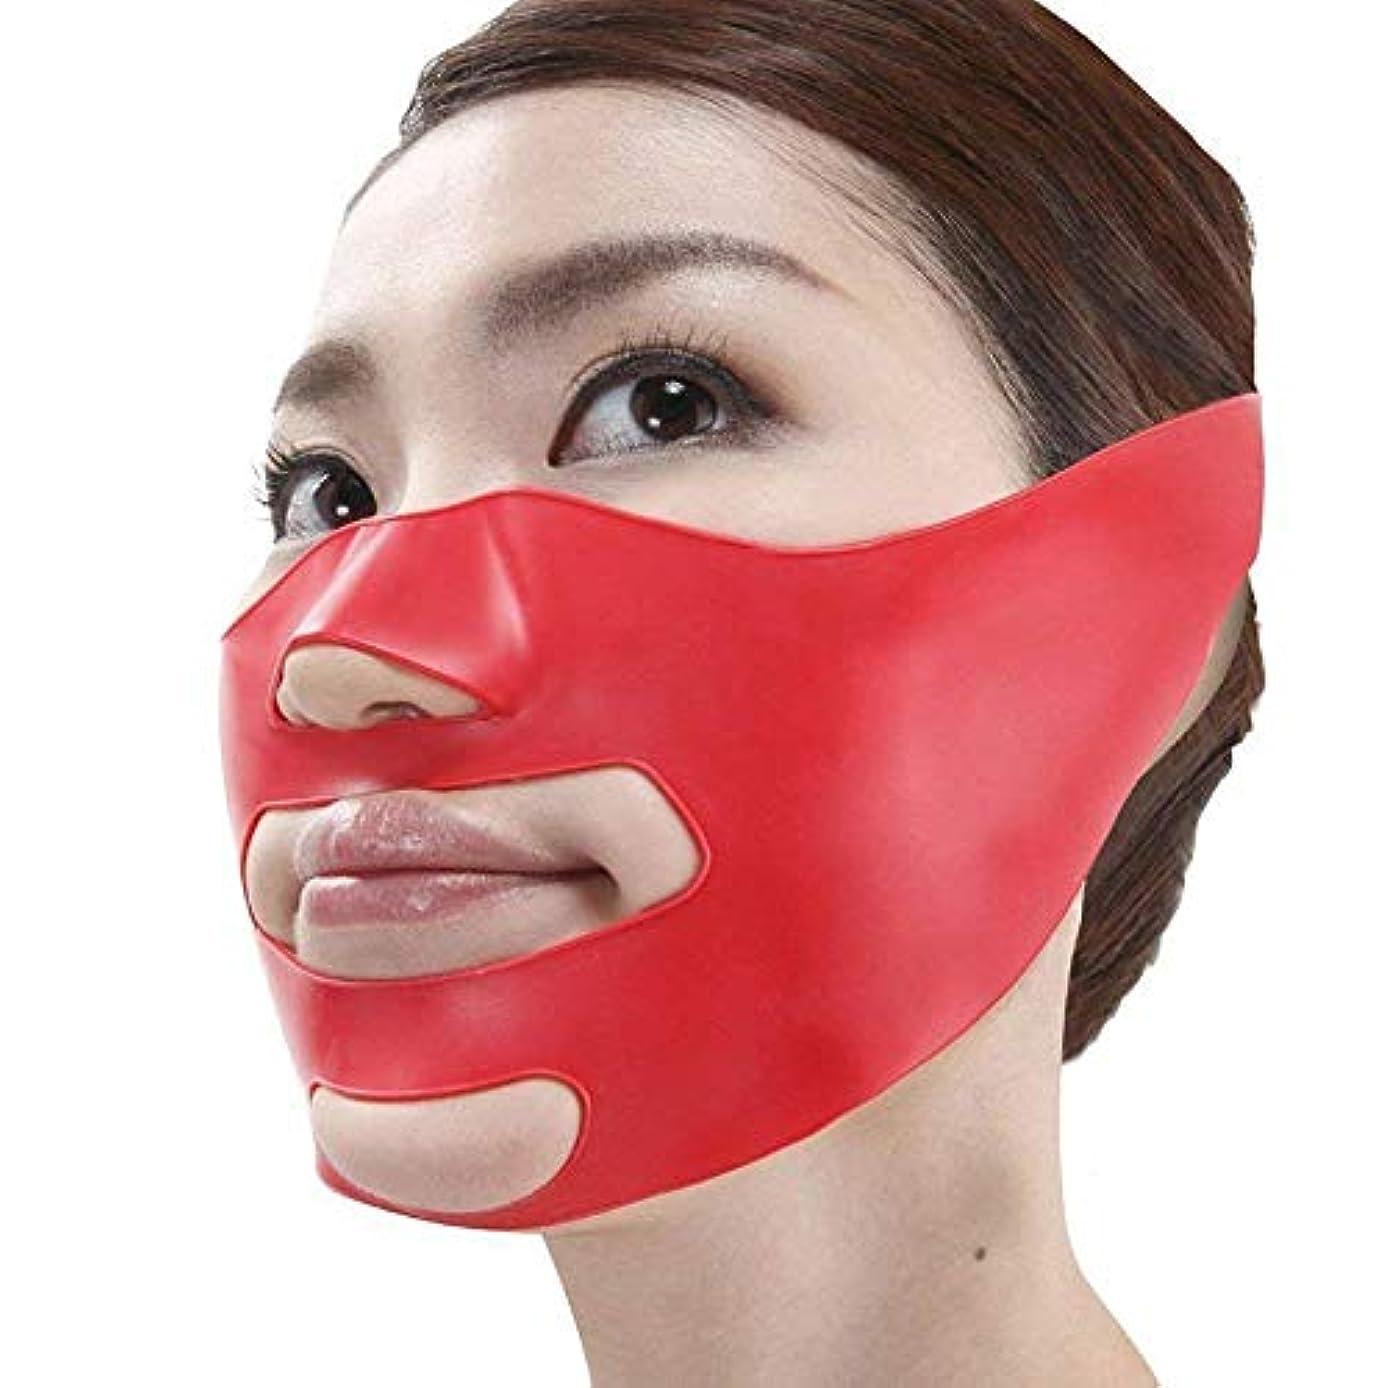 深く反発漏れ小顔矯正 マスク 小顔補正ベルト ほうれい線 リフトスリムマスク 3Dエクササイズマスク 法令線予防 抗シワ サウナマスク 美容グッ (フリーサイズ)